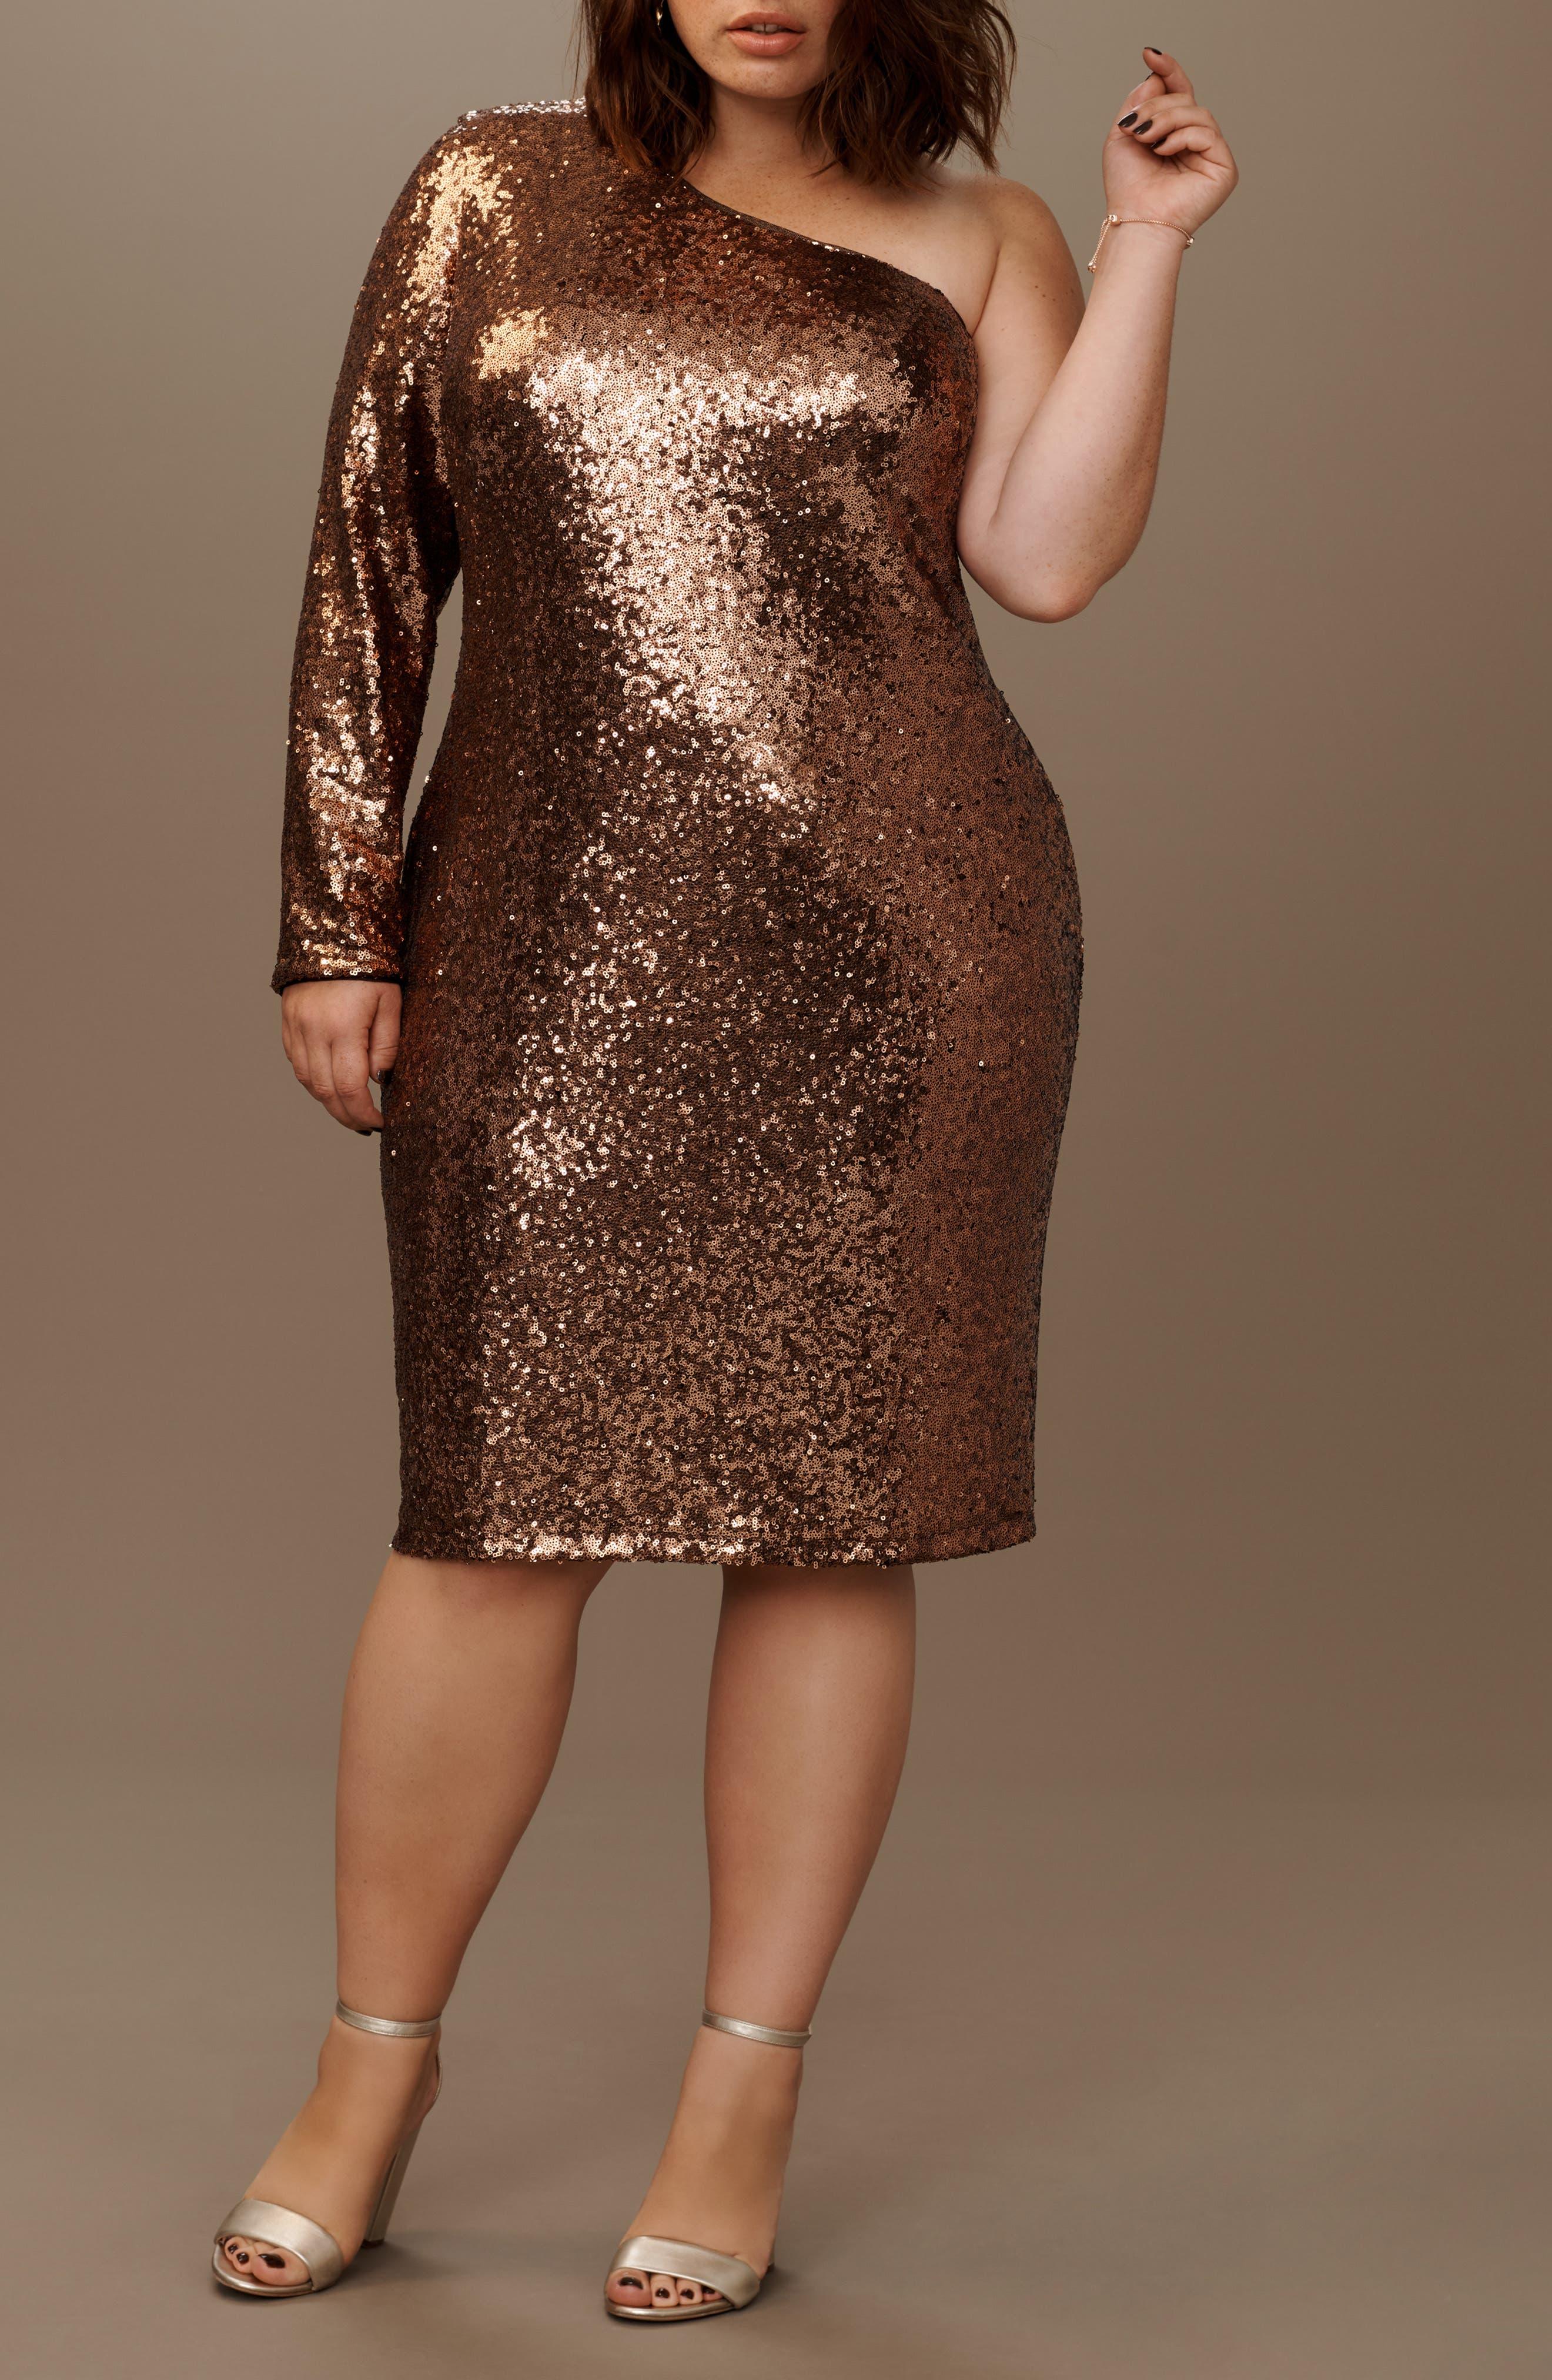 One Shoulder Sequin Party Dress,                             Alternate thumbnail 6, color,                             COPPER